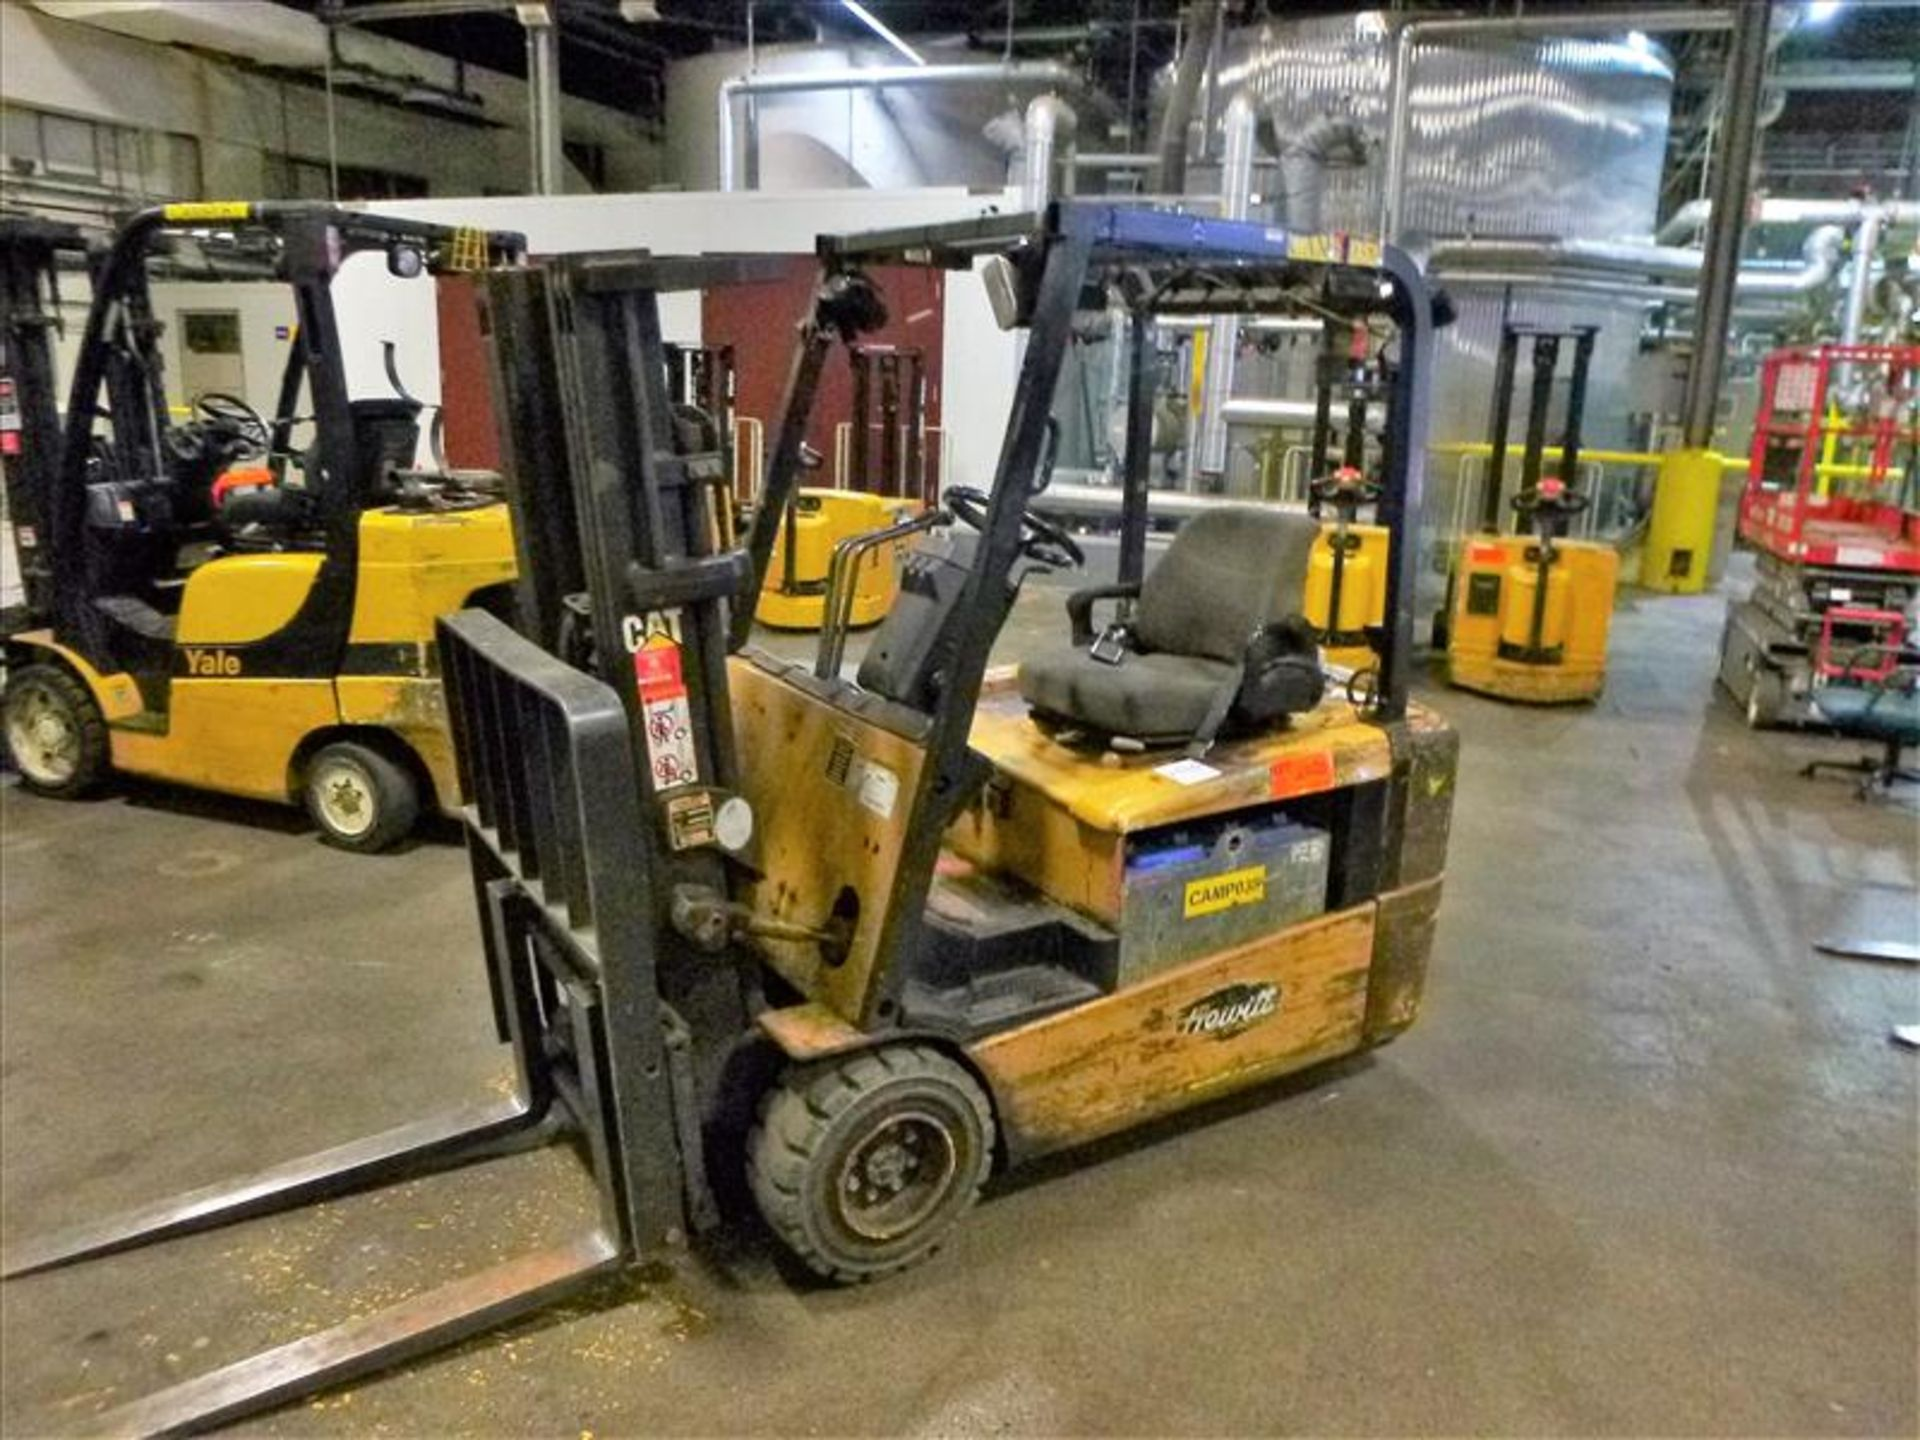 Lot 2020 - Caterpillar fork lift truck, mod. EC20KT, ser. no. ETB5A50660, 48V electric, 3750 lbs cap., 159